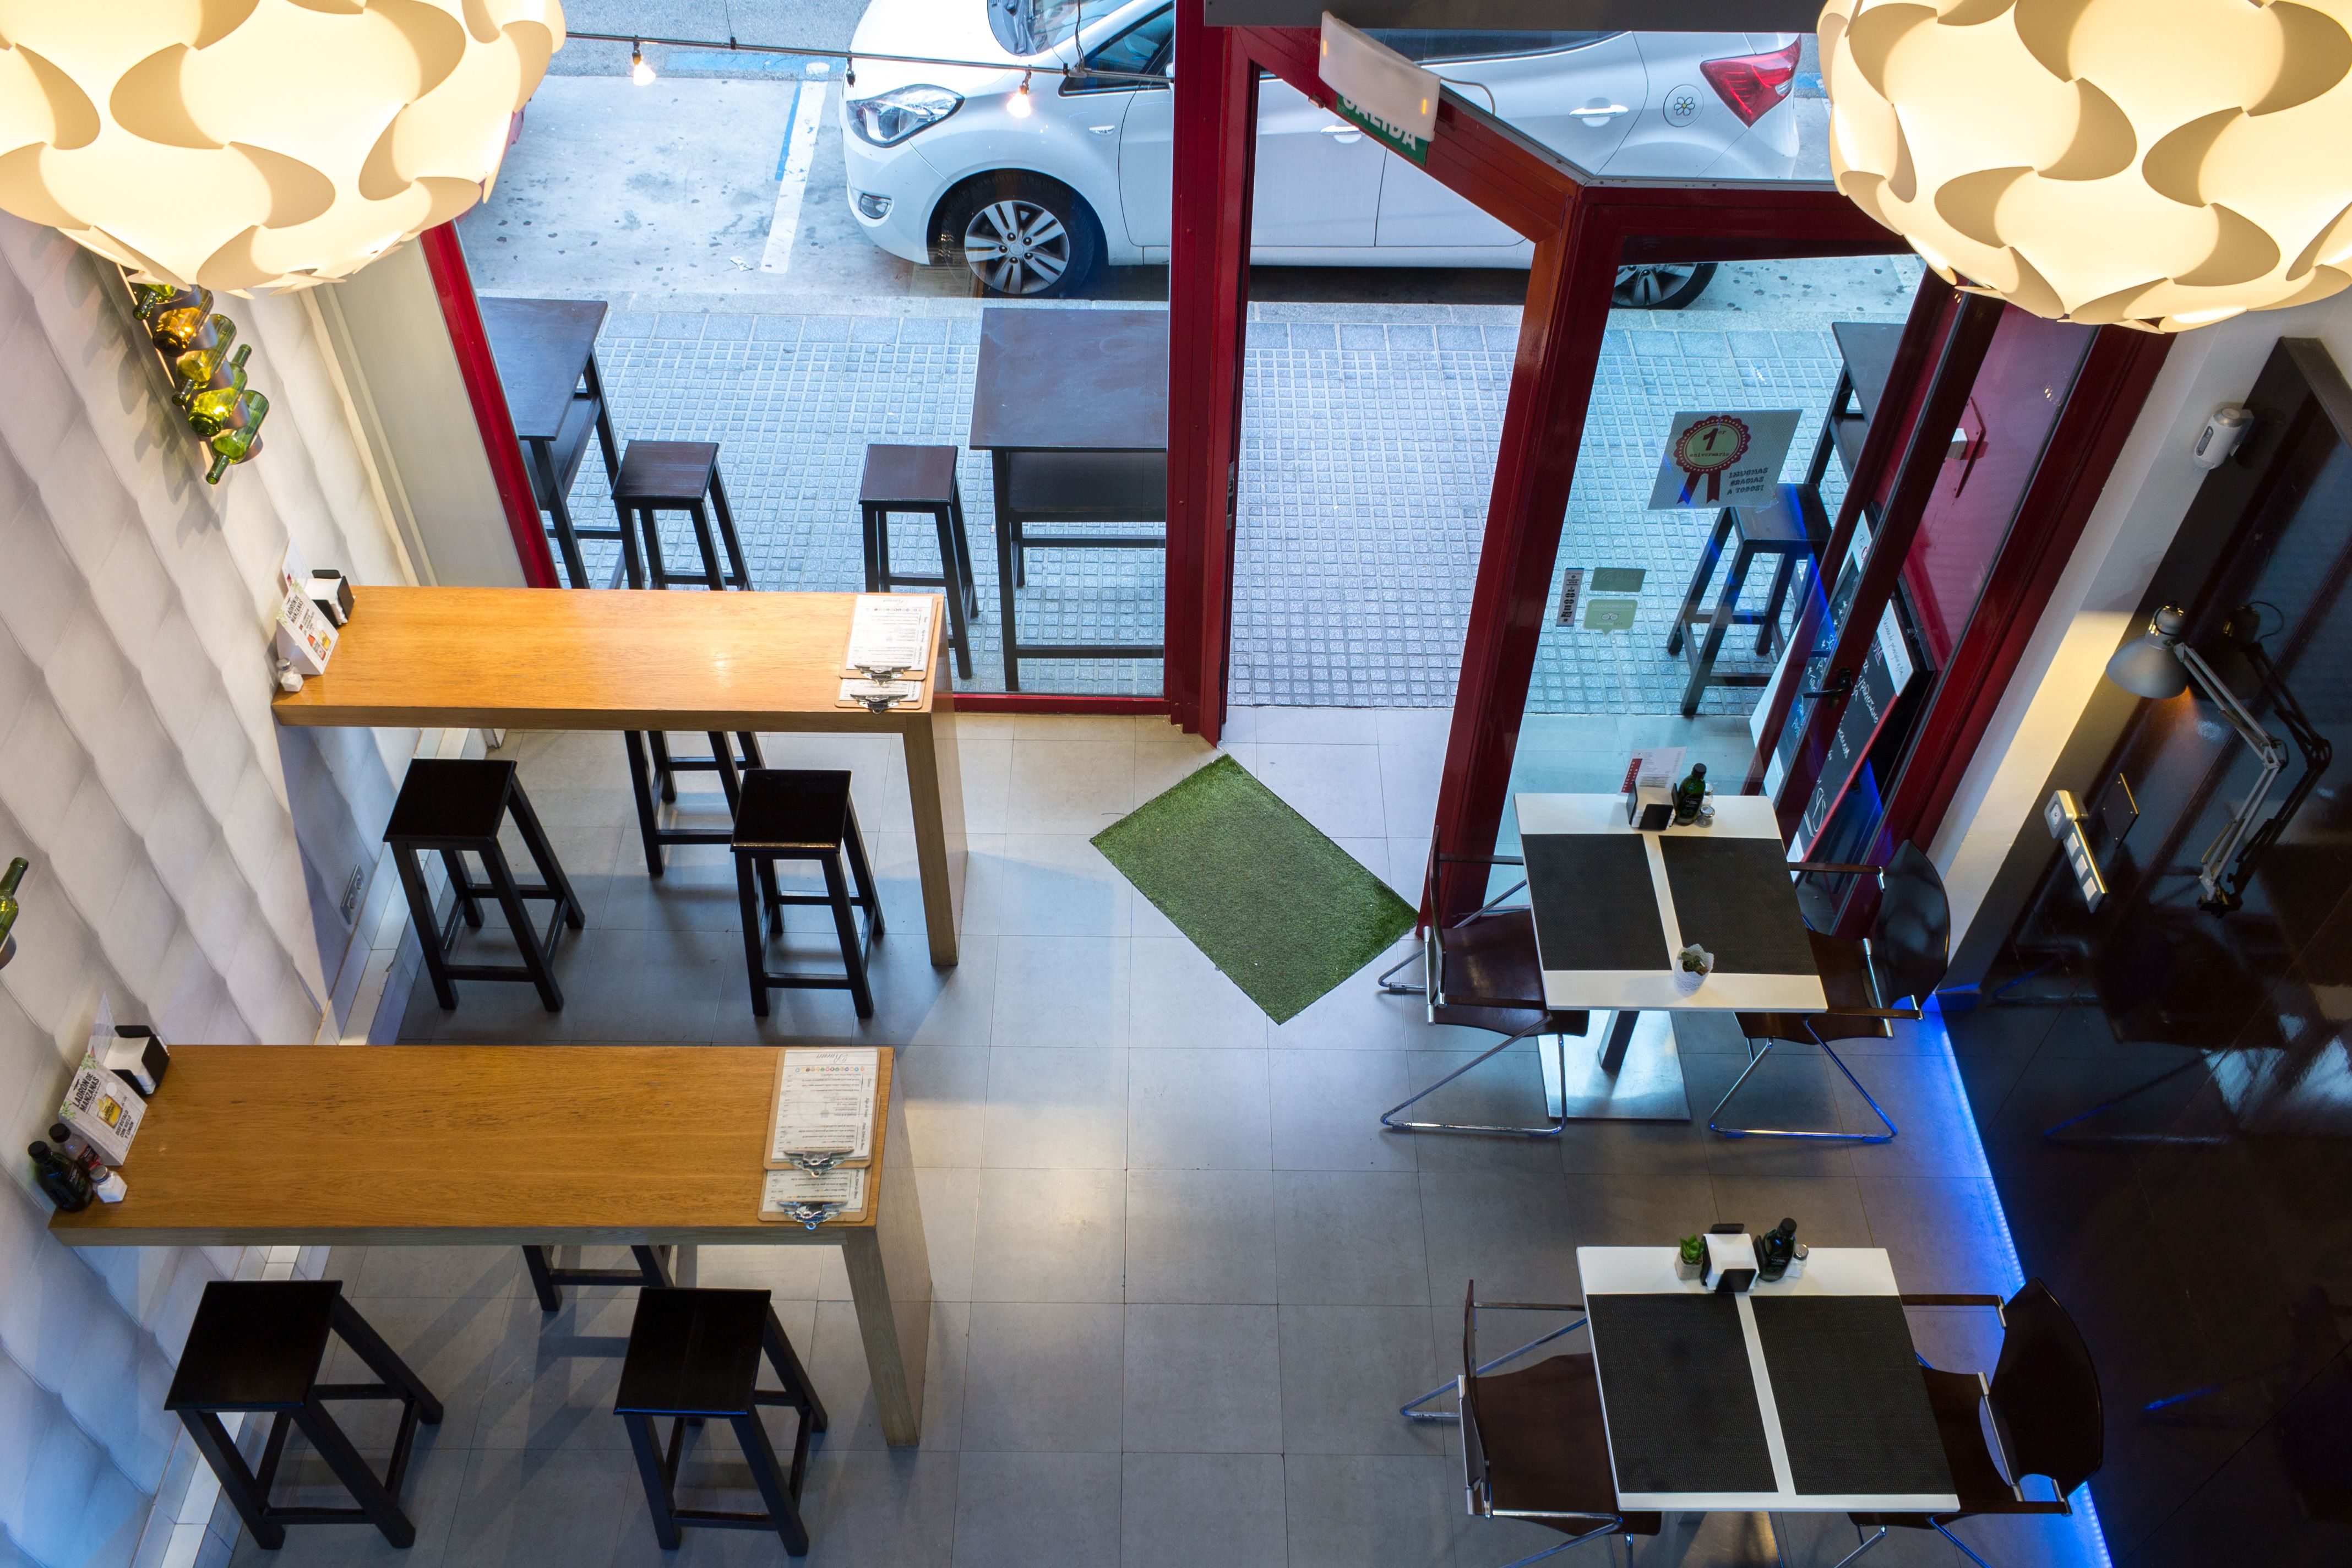 Centro de Málaga restaurante Rucua